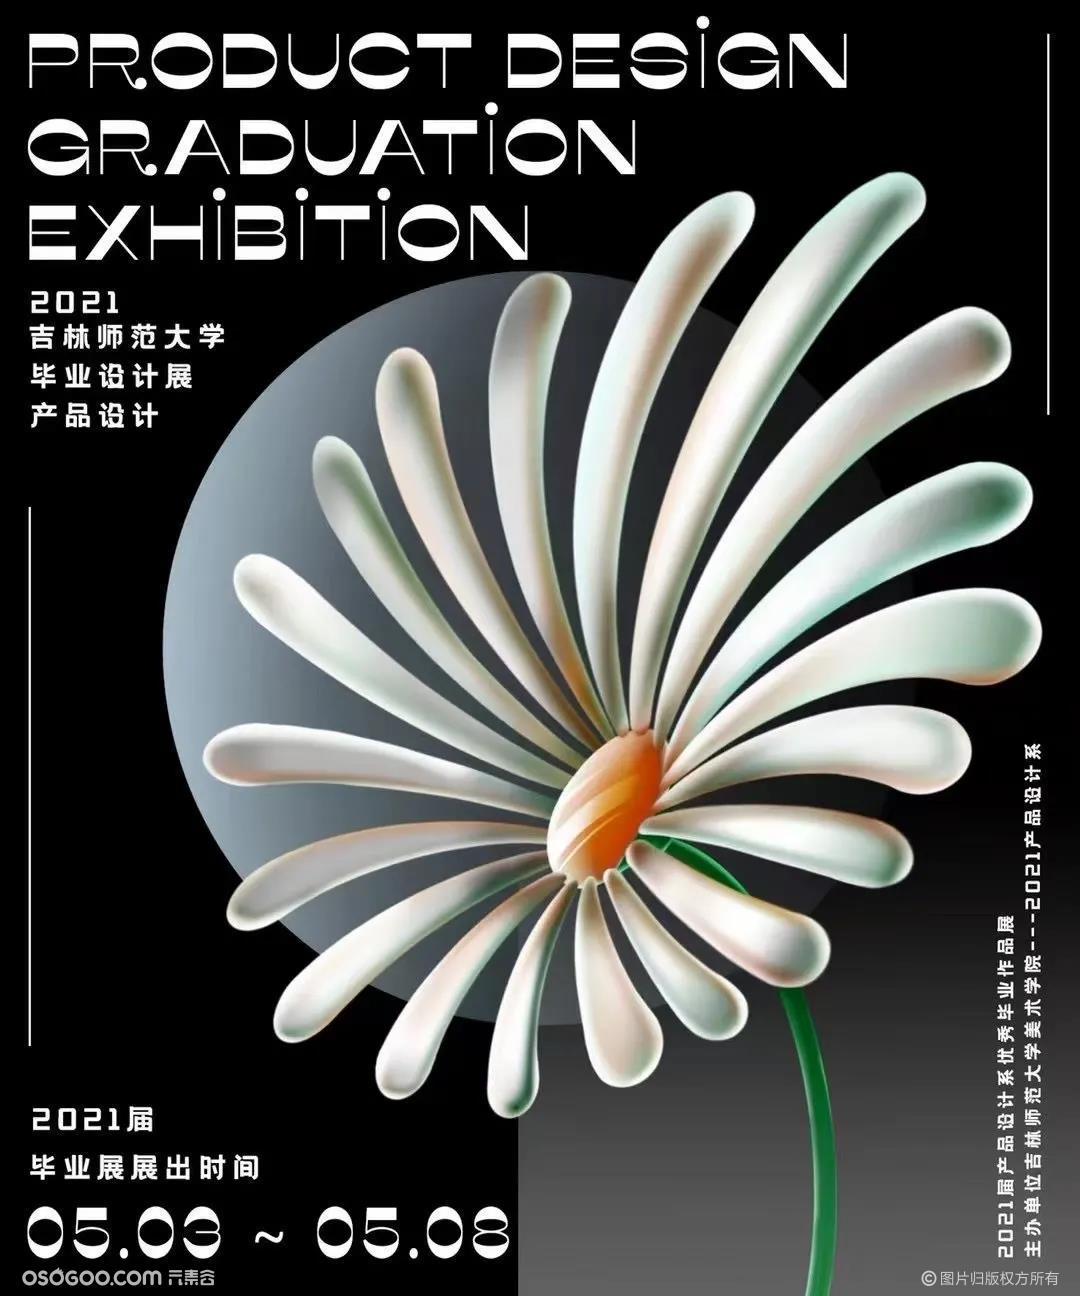 2021年高校毕业展海报合集|动态设计新趋势?